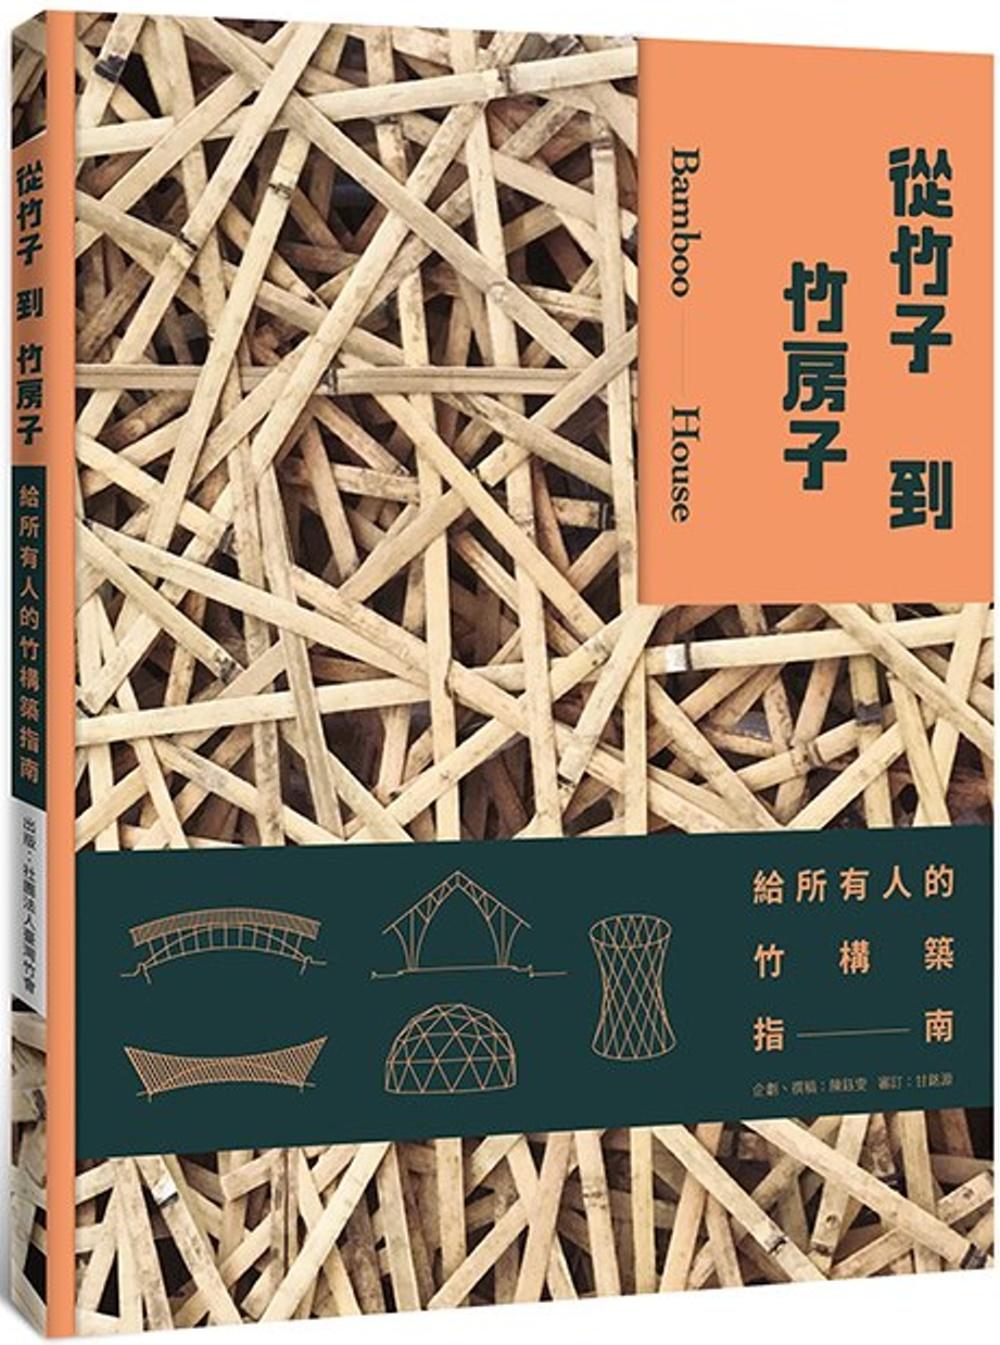 從竹子到竹房子:給所有人的竹構...